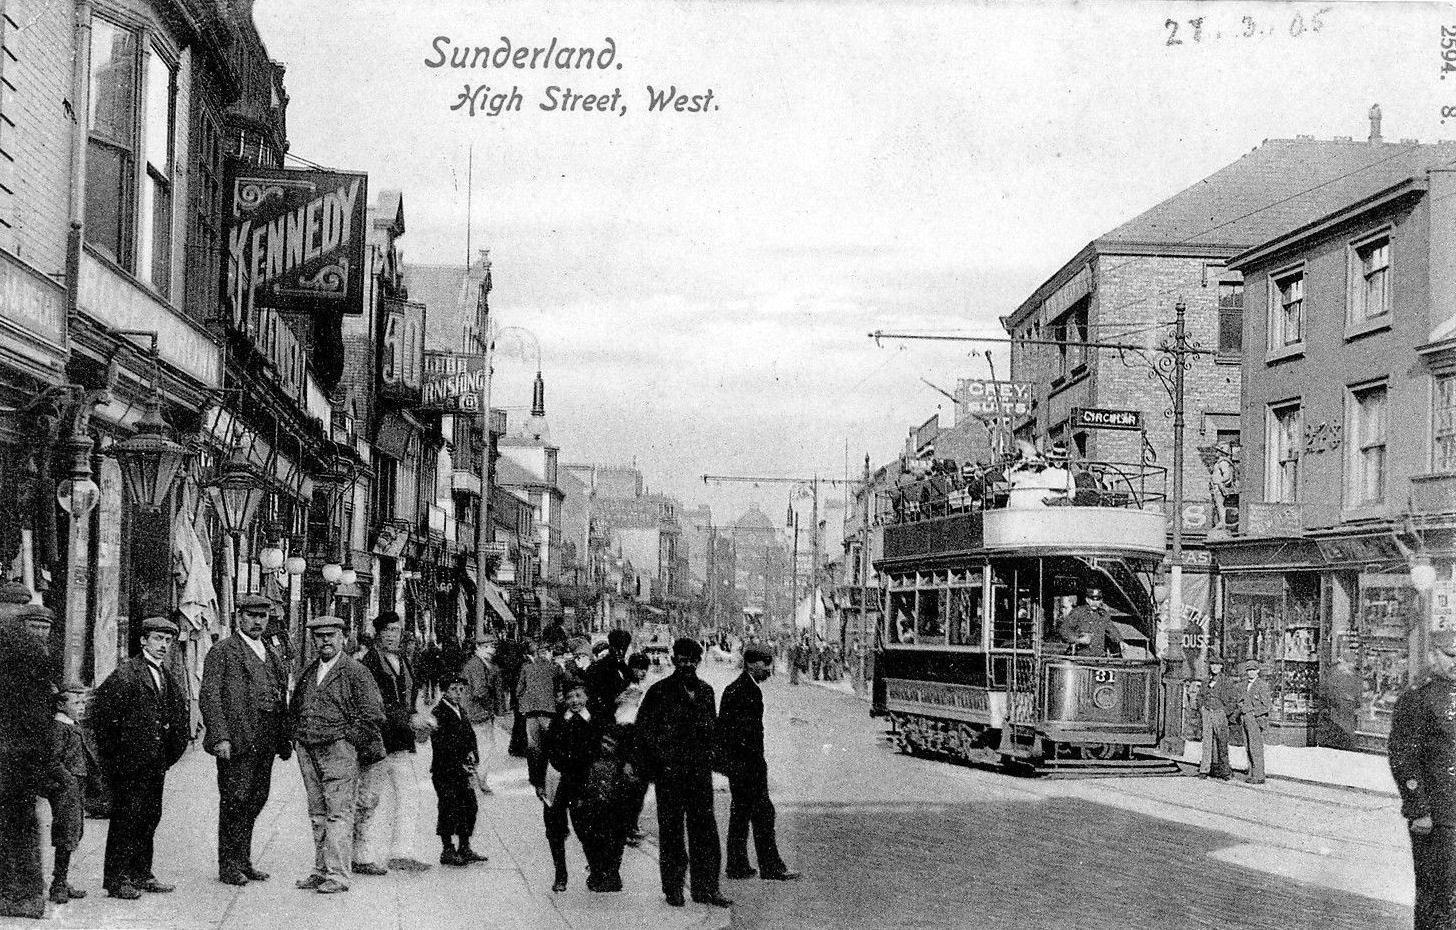 sunderland - photo #45